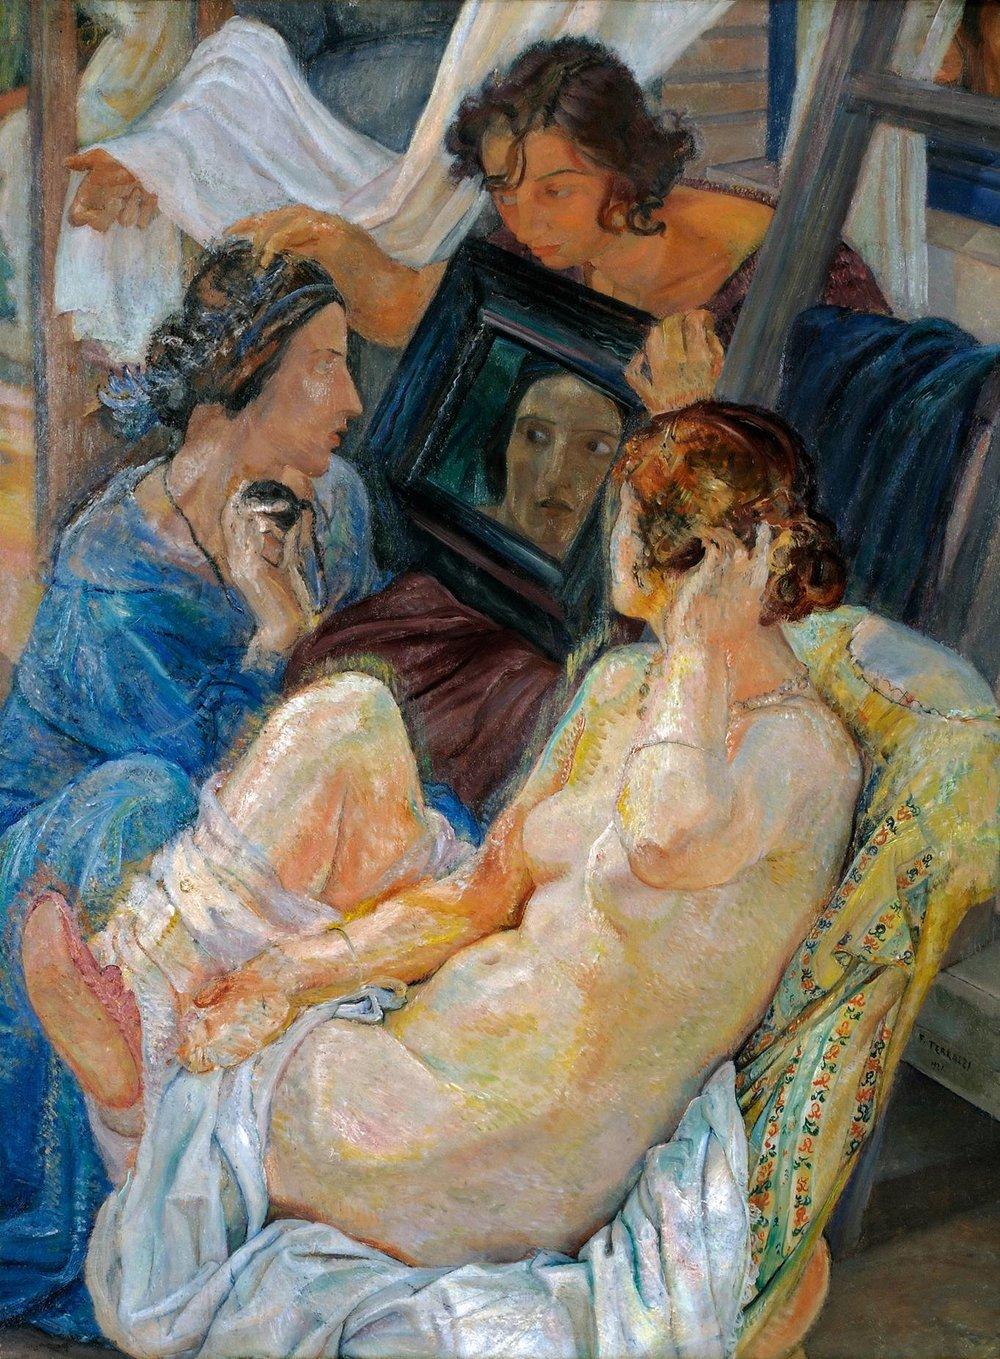 Mostra Galleria Ferruccio Ferrazzi La nuda.jpg